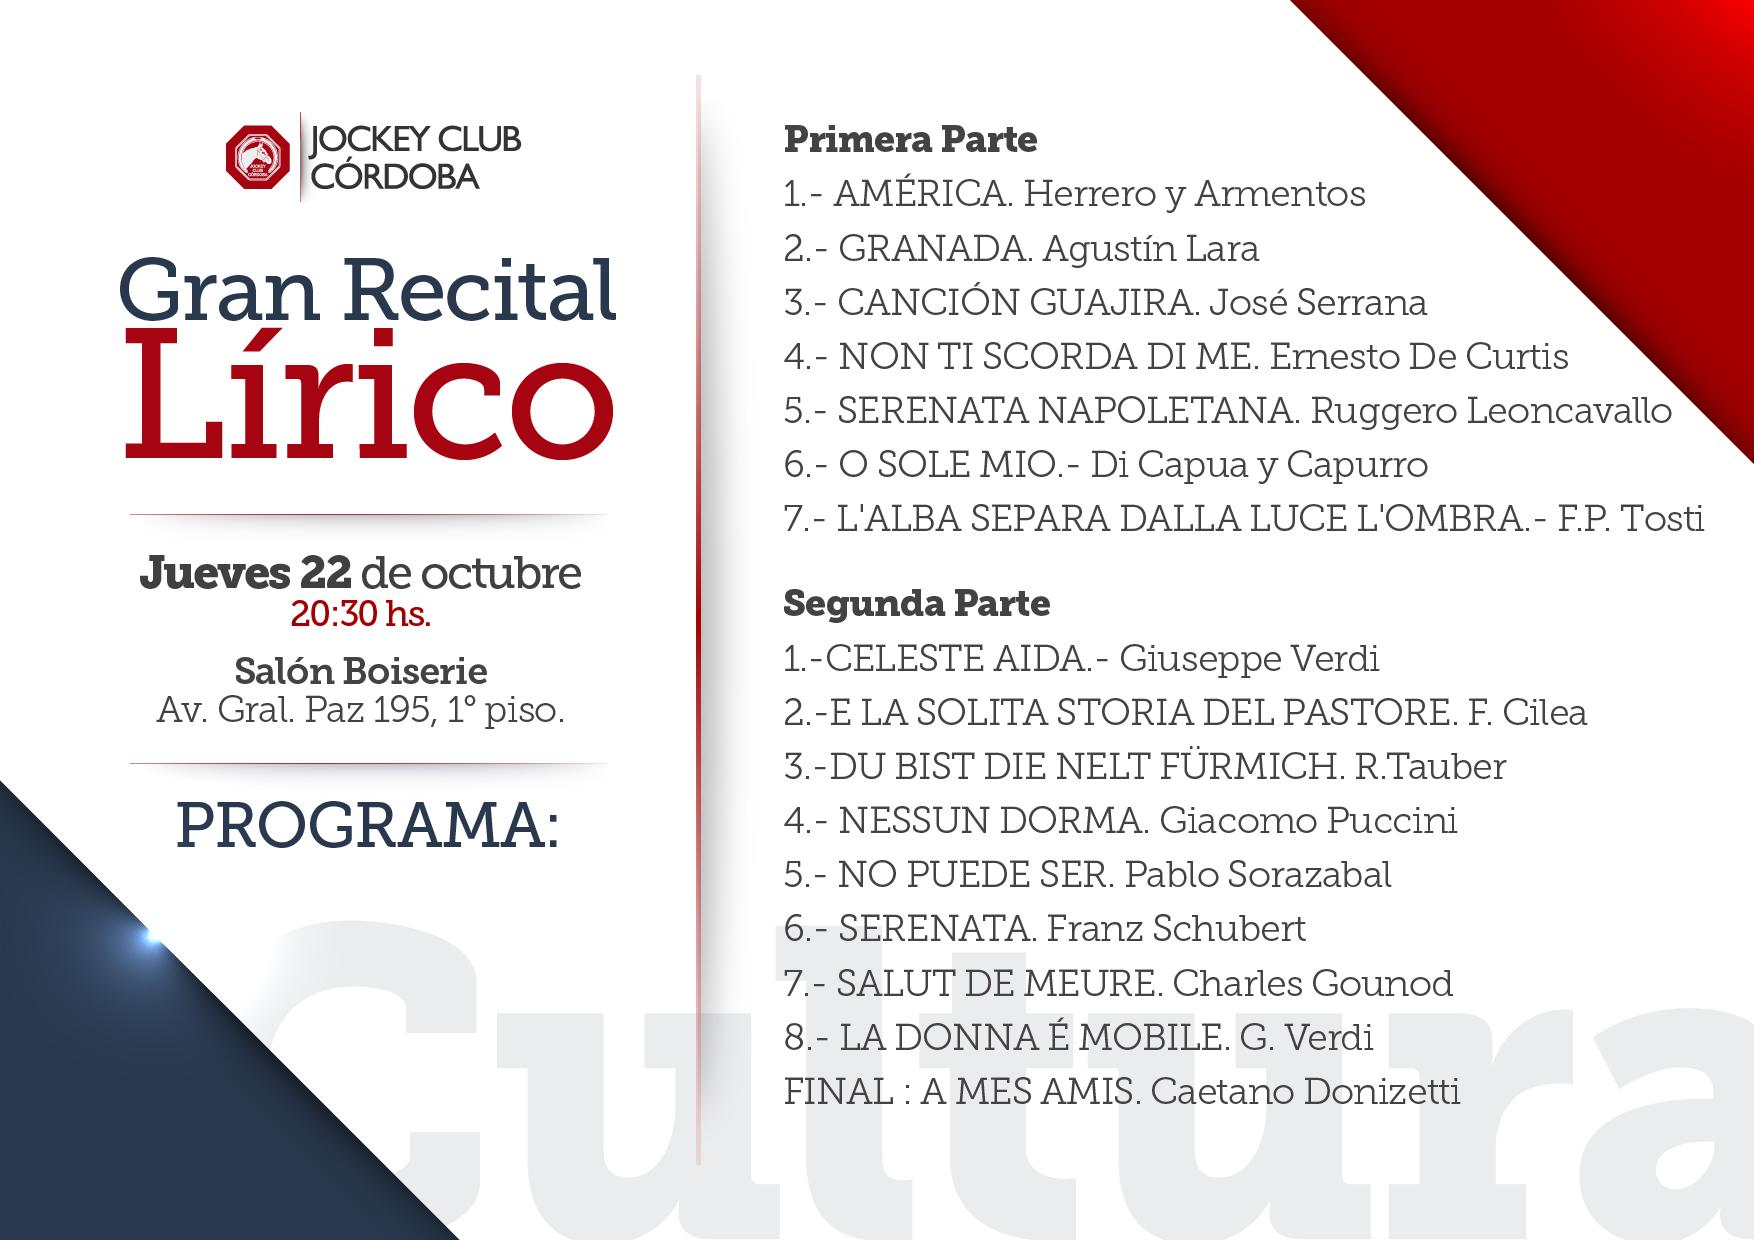 RECITAL LÍRICO -INVITACIONES- 14,85 x 10,5 cm-SubcomisiónDeCultura-2015-03